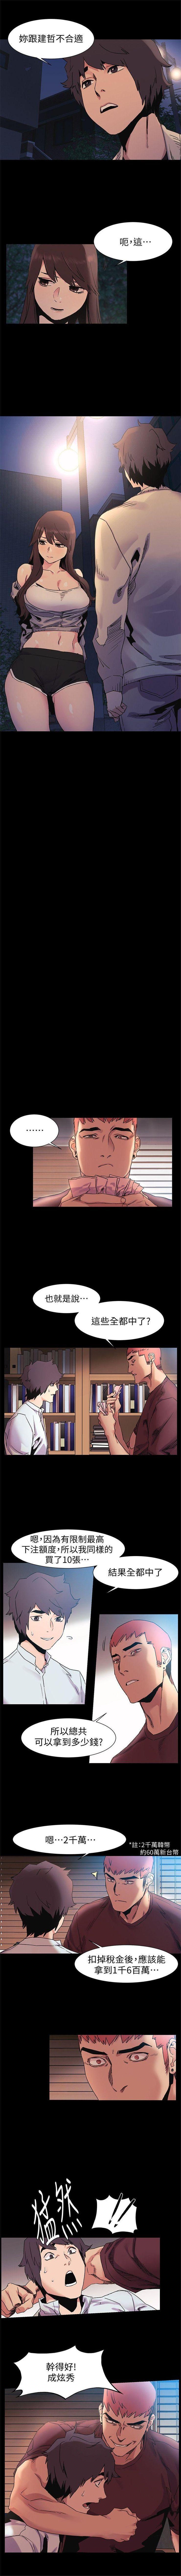 衝突 1-100官方中文(連載中) 193